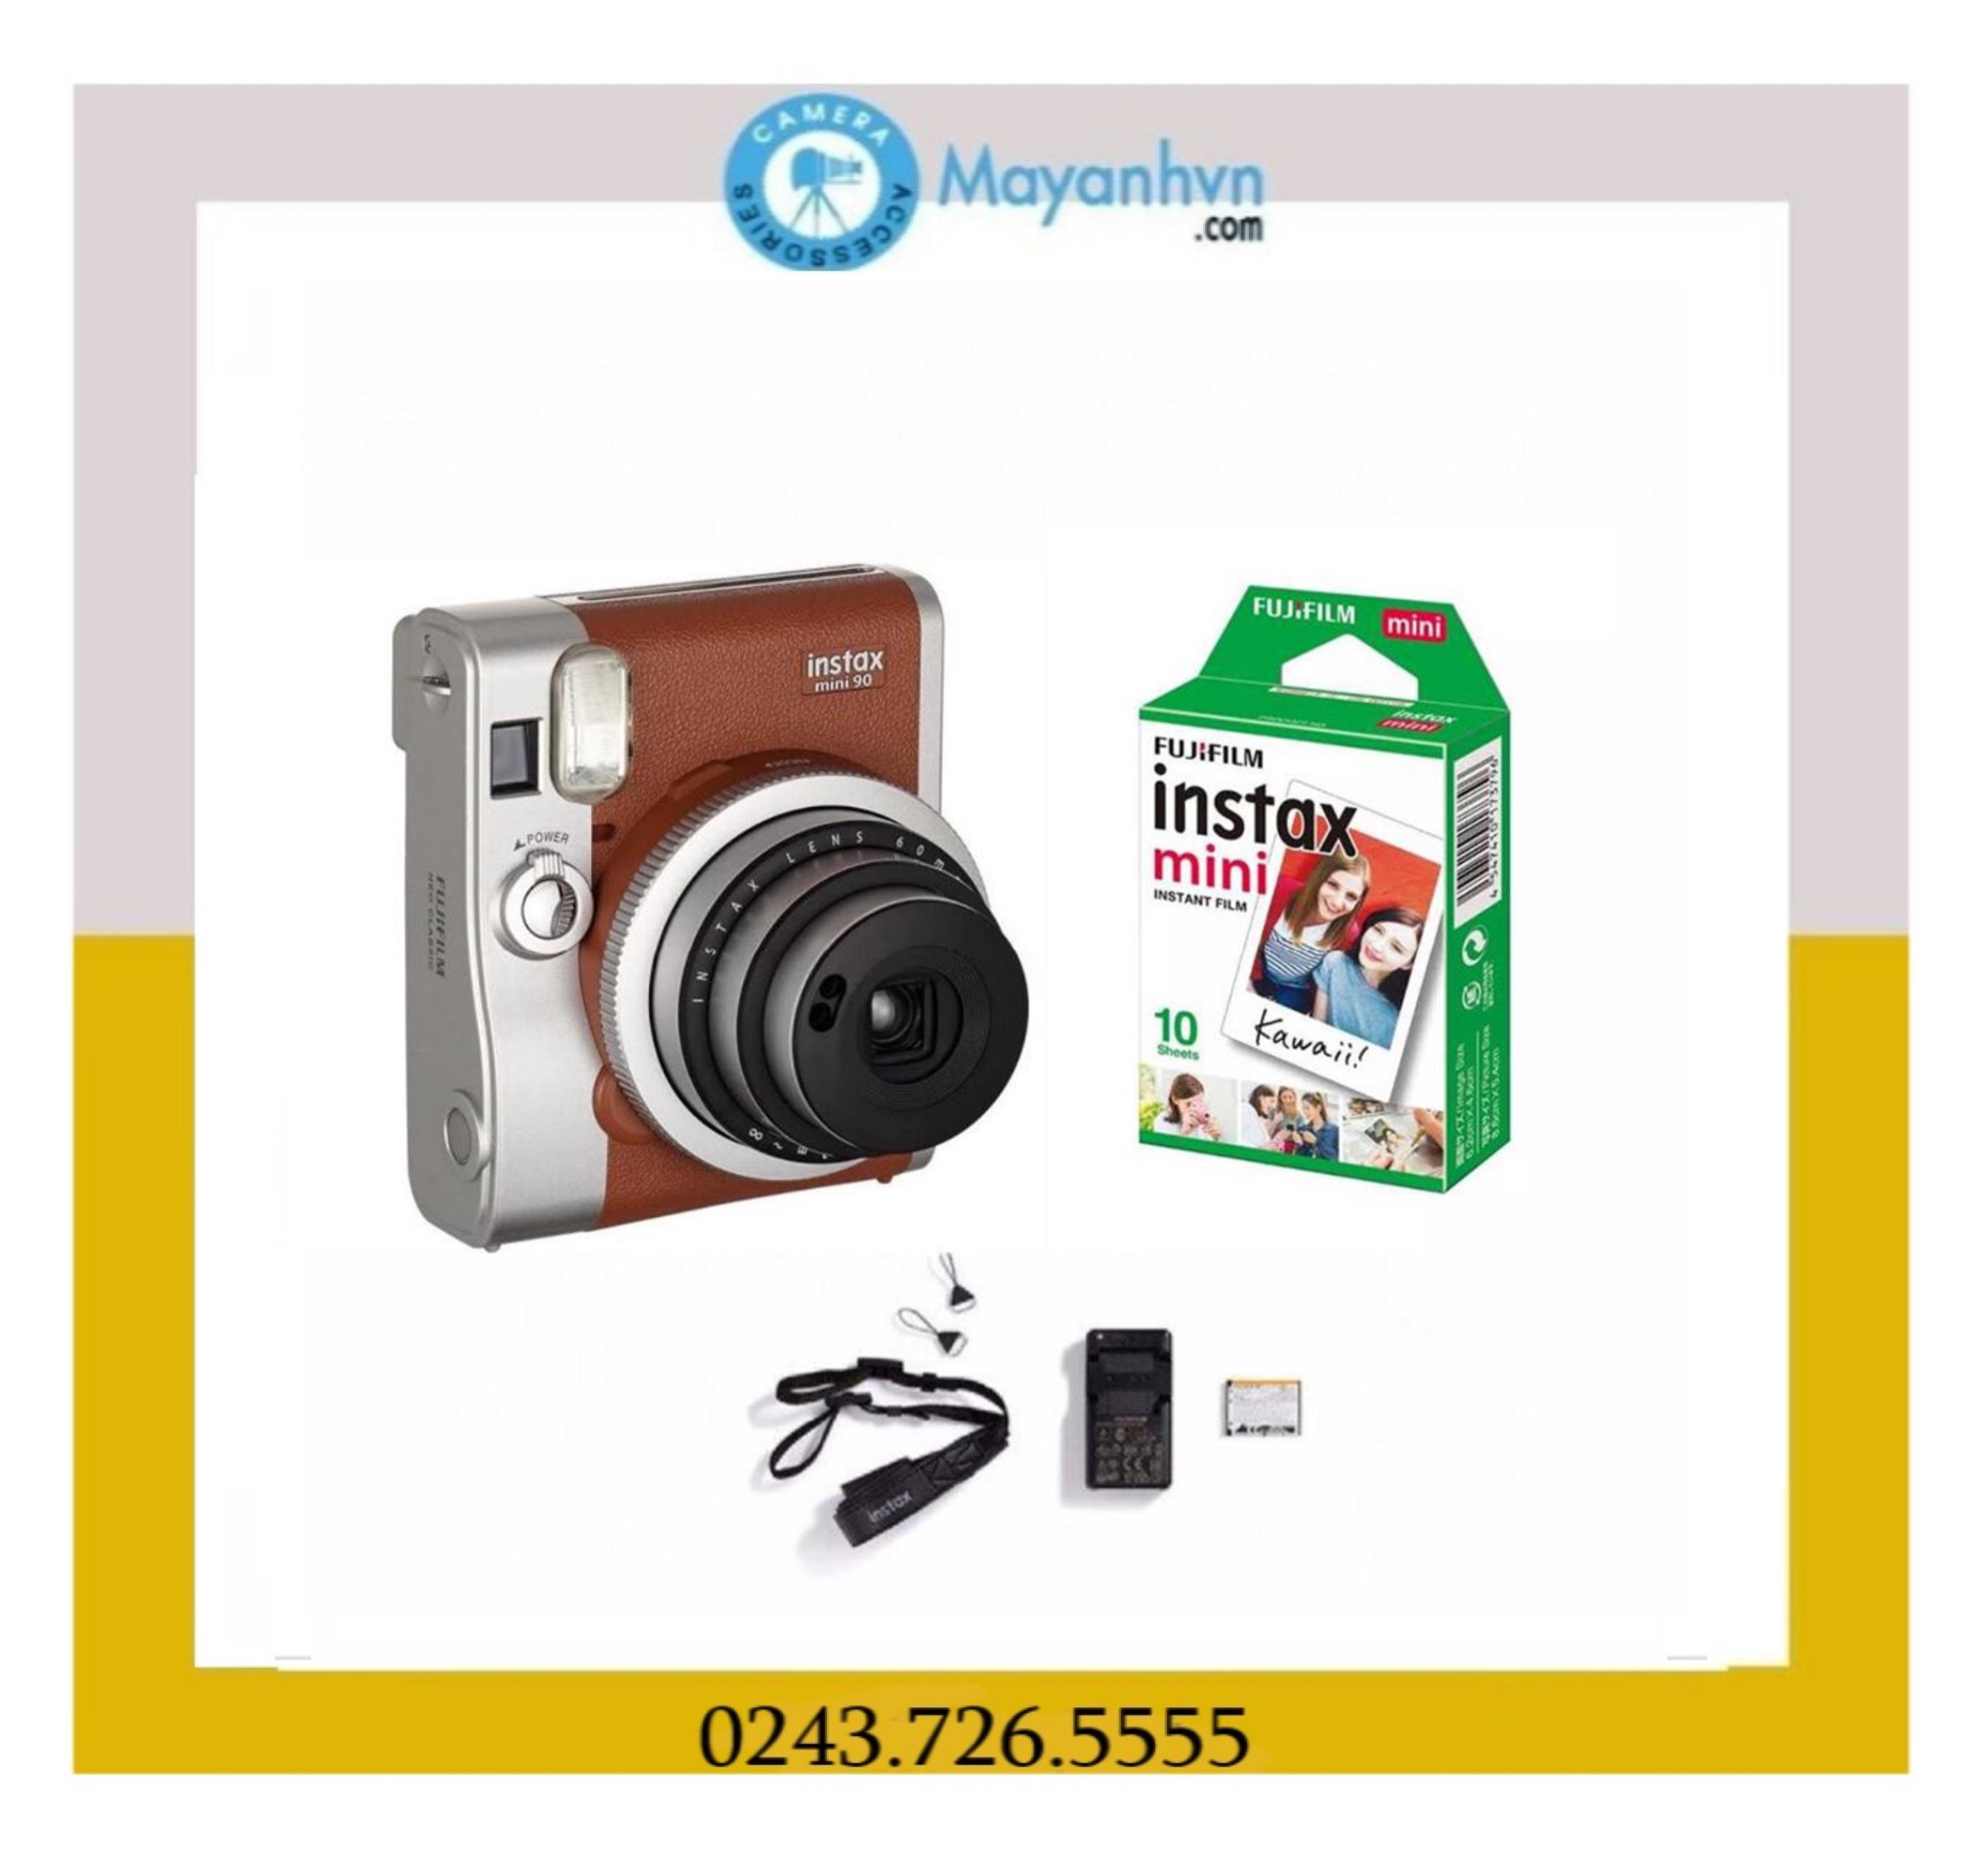 Giá Quá Tốt Để Có Bộ Máy ảnh Chụp Lấy Liền Fujifilm Instax Mini 90 (Nâu) Và Giấy In Cho Máy ảnh Fujifilm Instax Mini